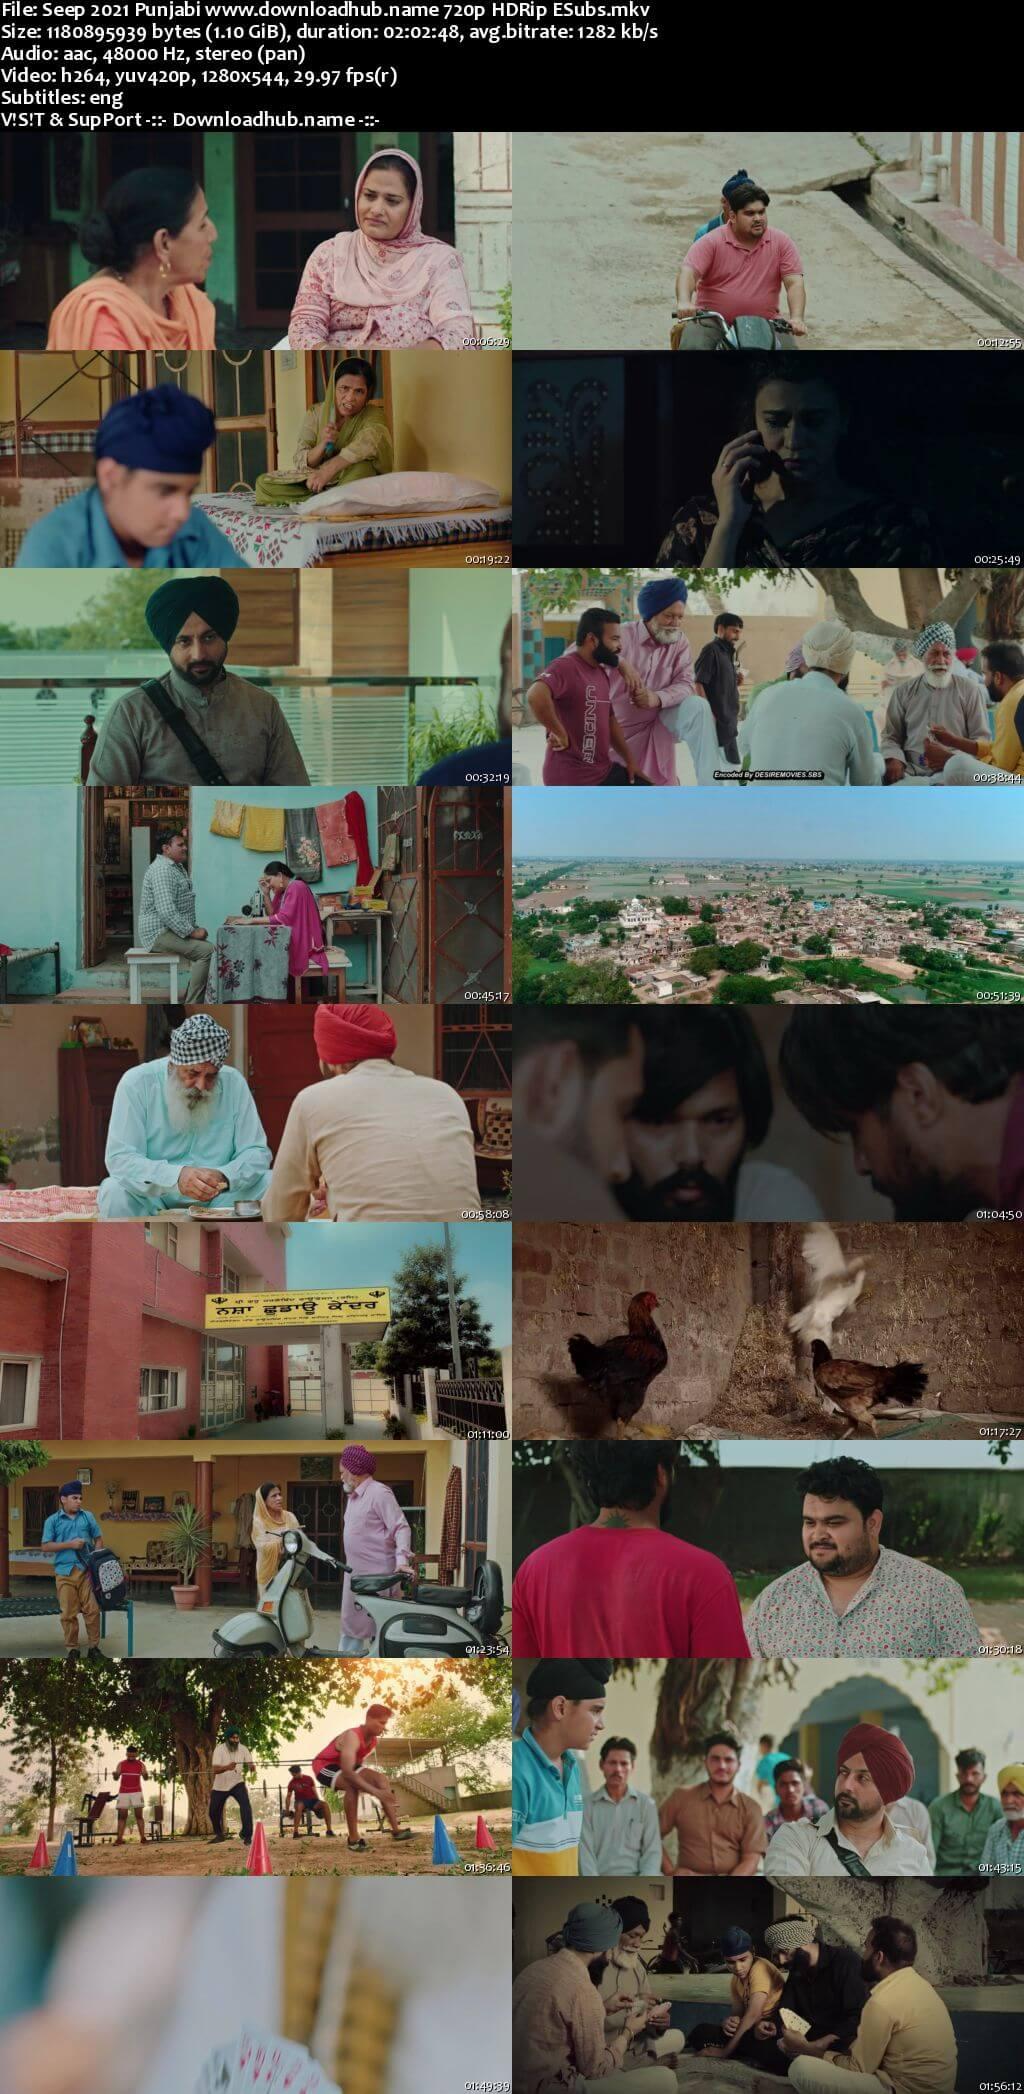 Seep 2021 Punjabi 720p HDRip ESubs